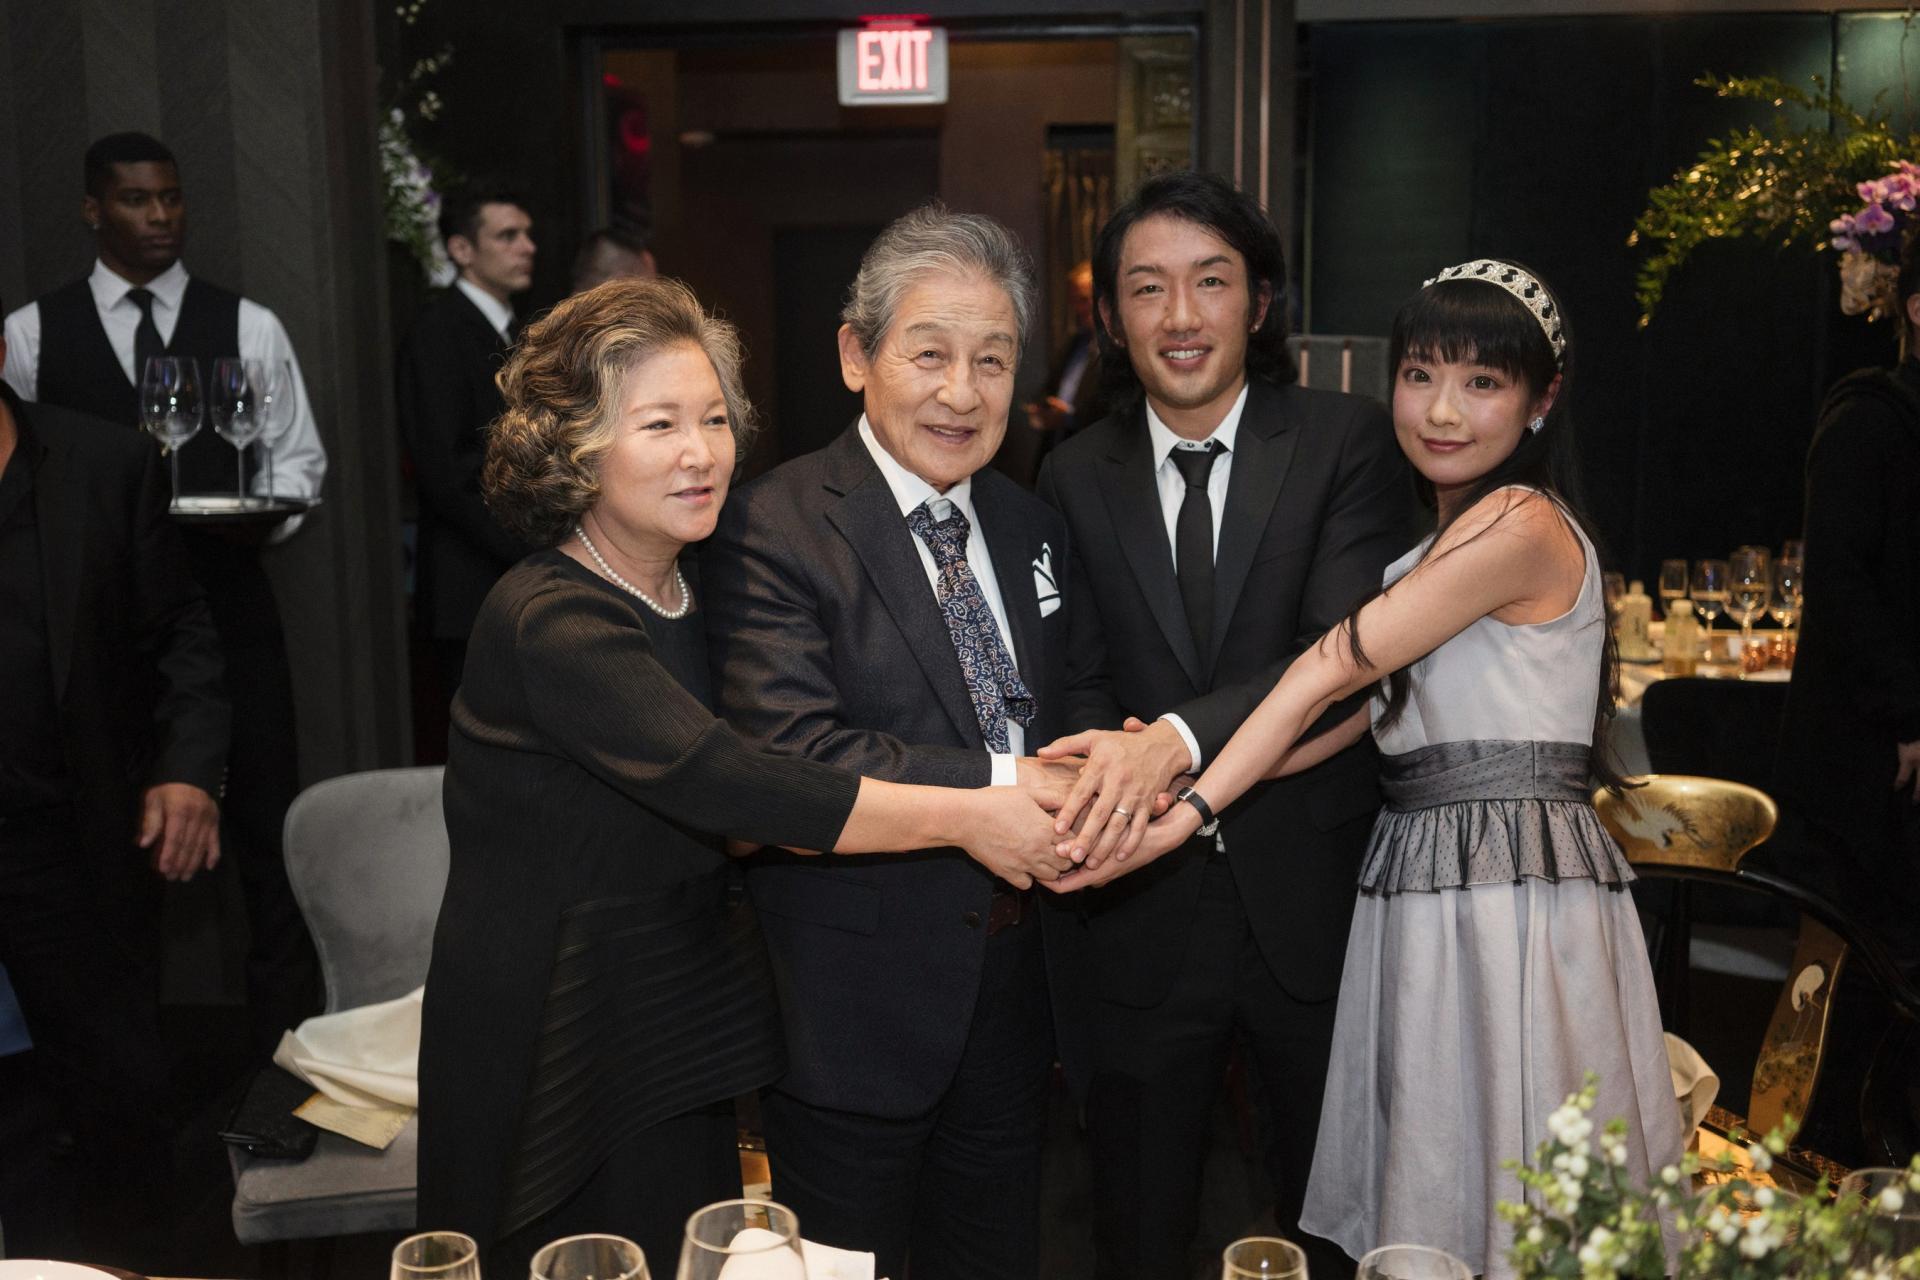 La famille imperiale de coree, les princes Yi et Andrew Seok